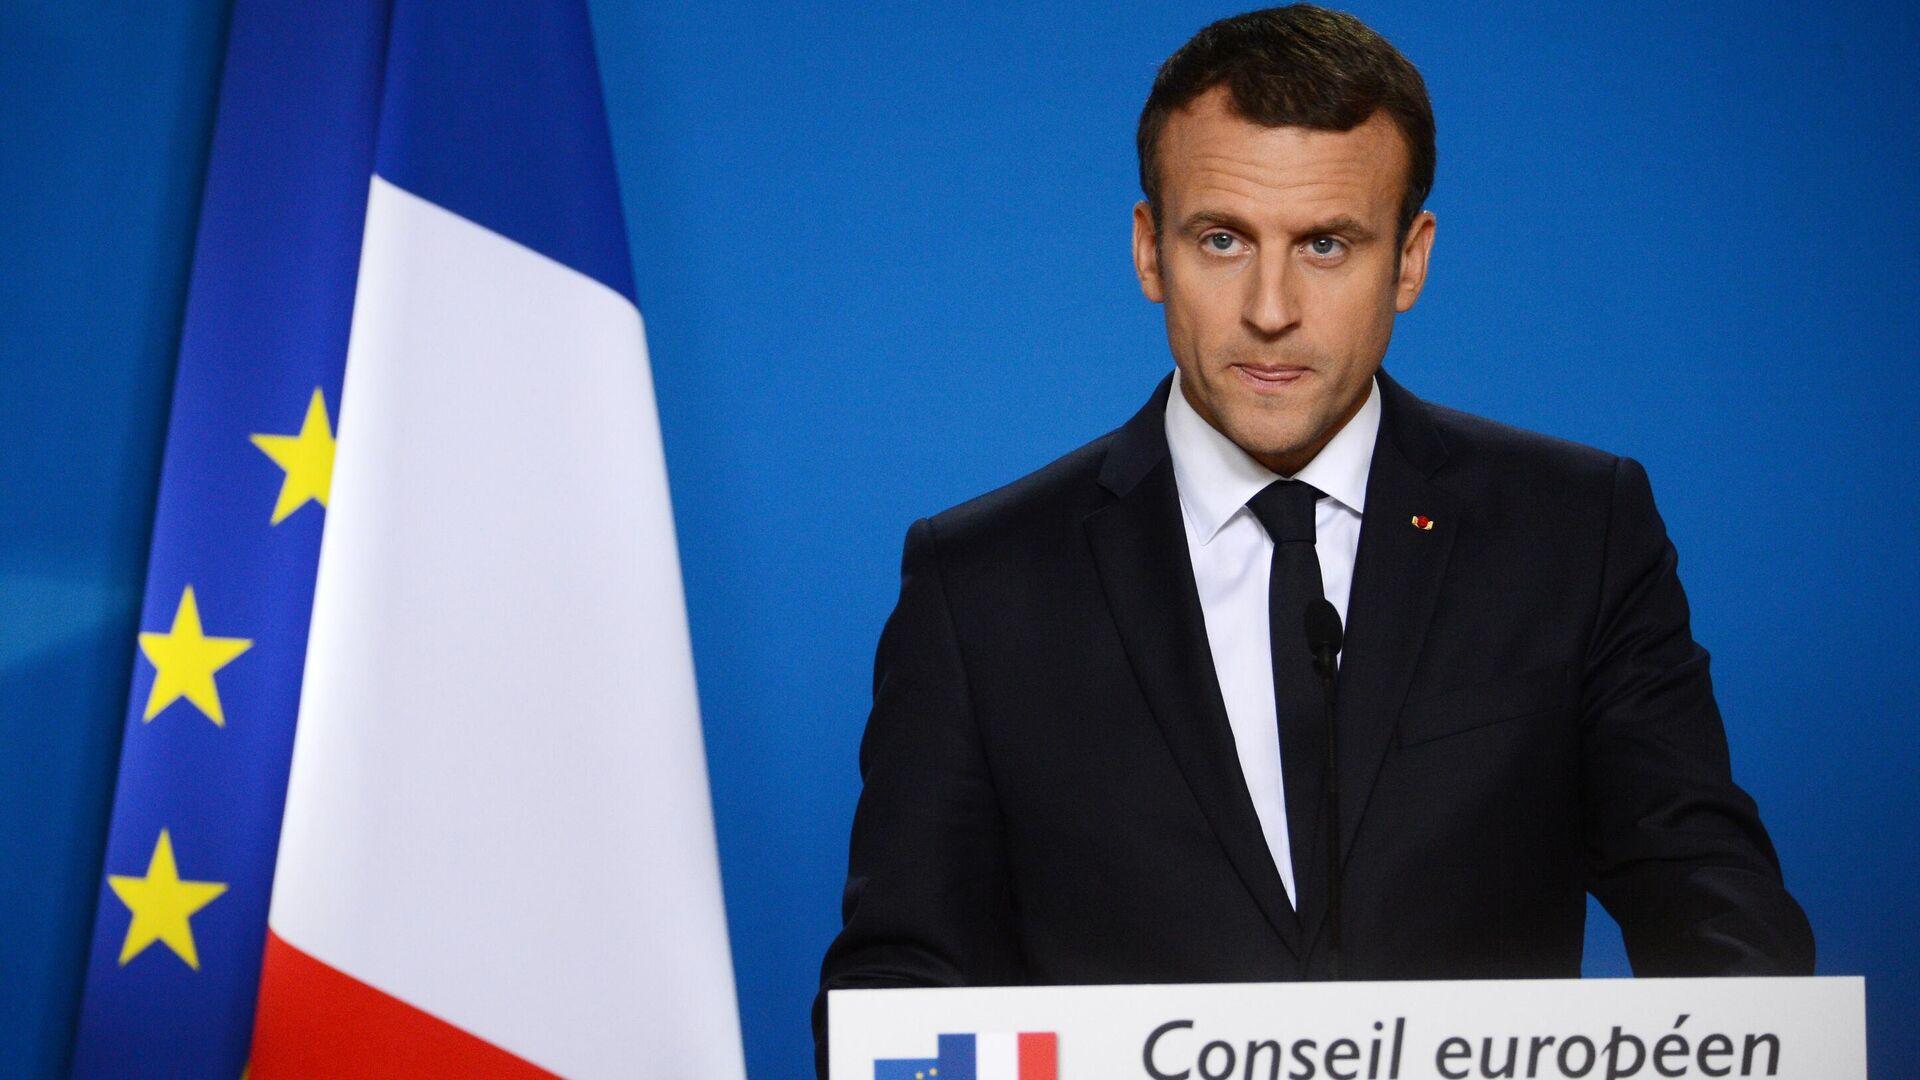 Frankreichs Präsident Emmanuel Macron vor den Flaggen von Frankreich und der EU (Symbolbild) - SNA, 1920, 21.07.2021